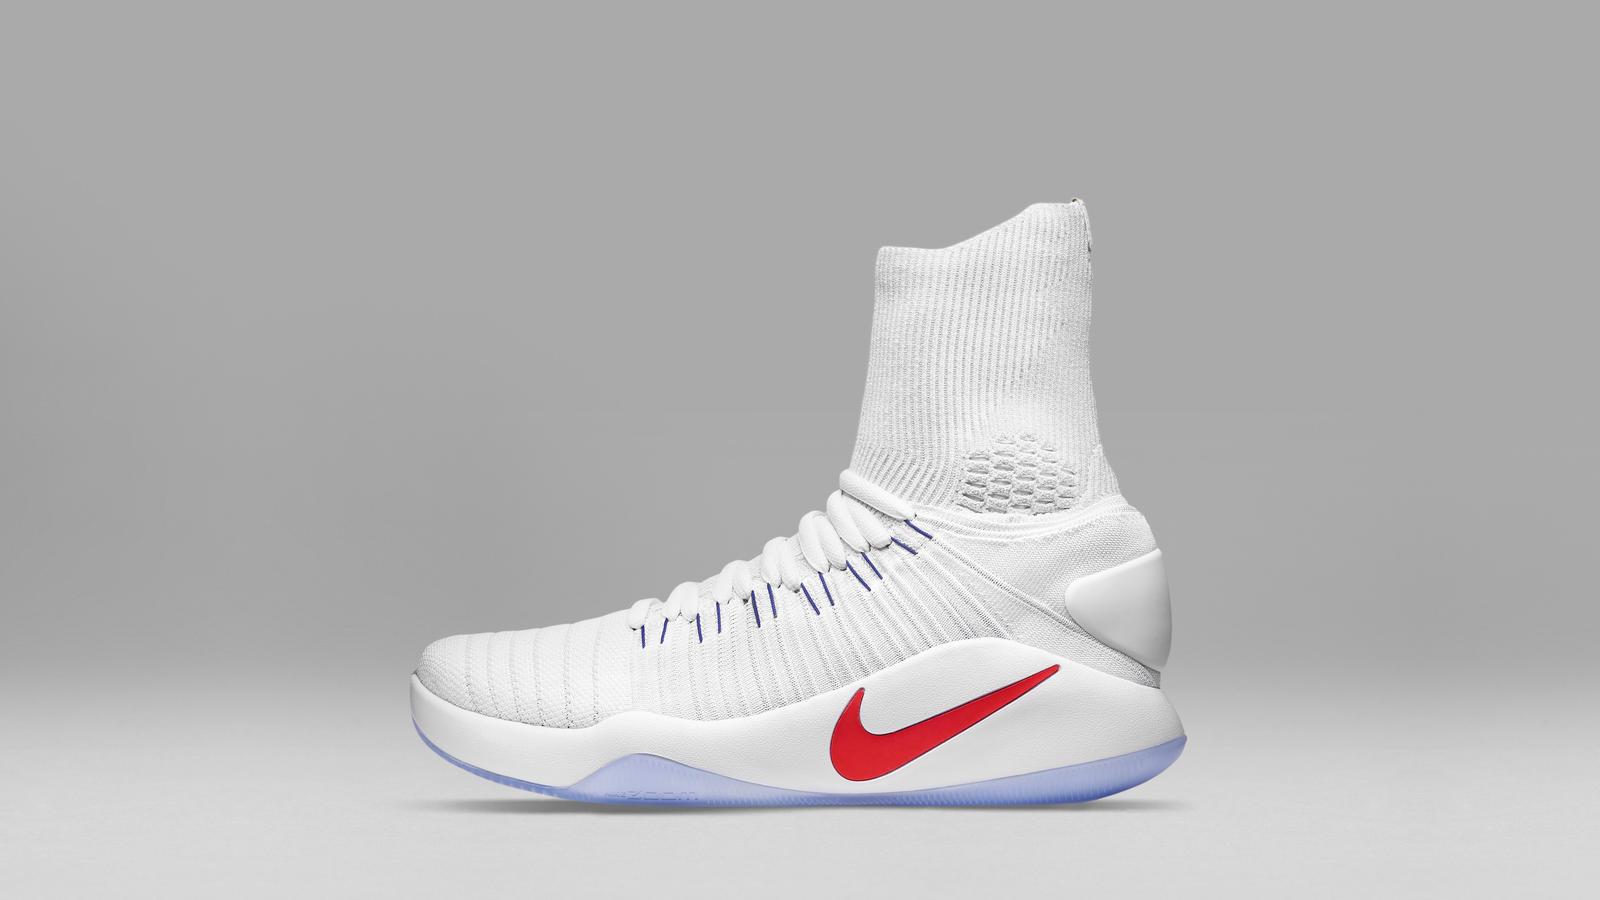 Zapatillas Kobe 2016 De Compartirsantillana Santillana Nike Compartir 1clJFTK3